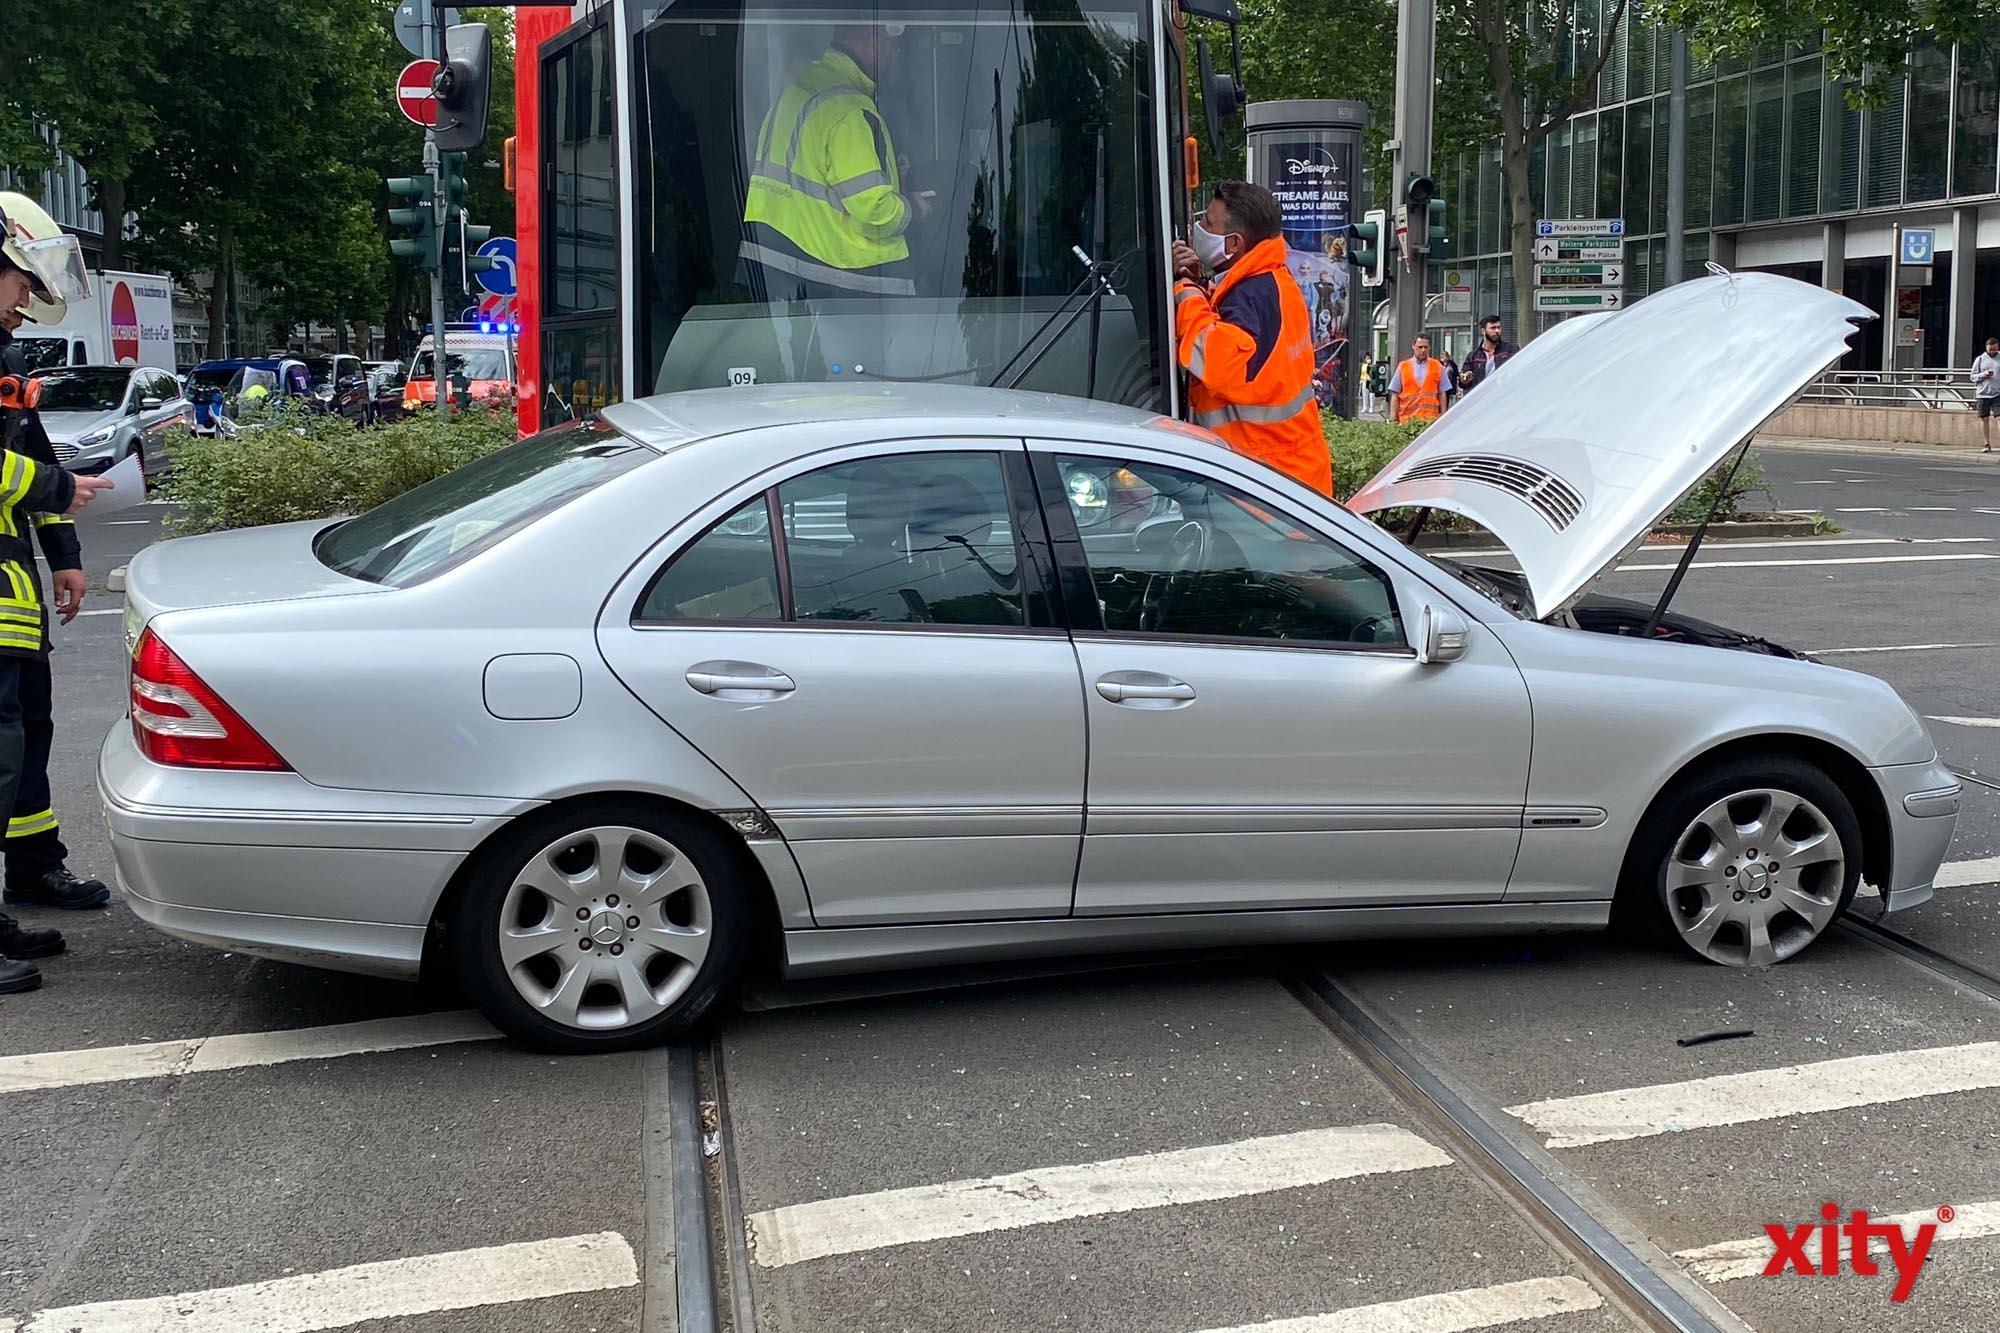 72-jähriger Pkw-Fahrer wurde sehr schwer verletzt (Foto: xity)